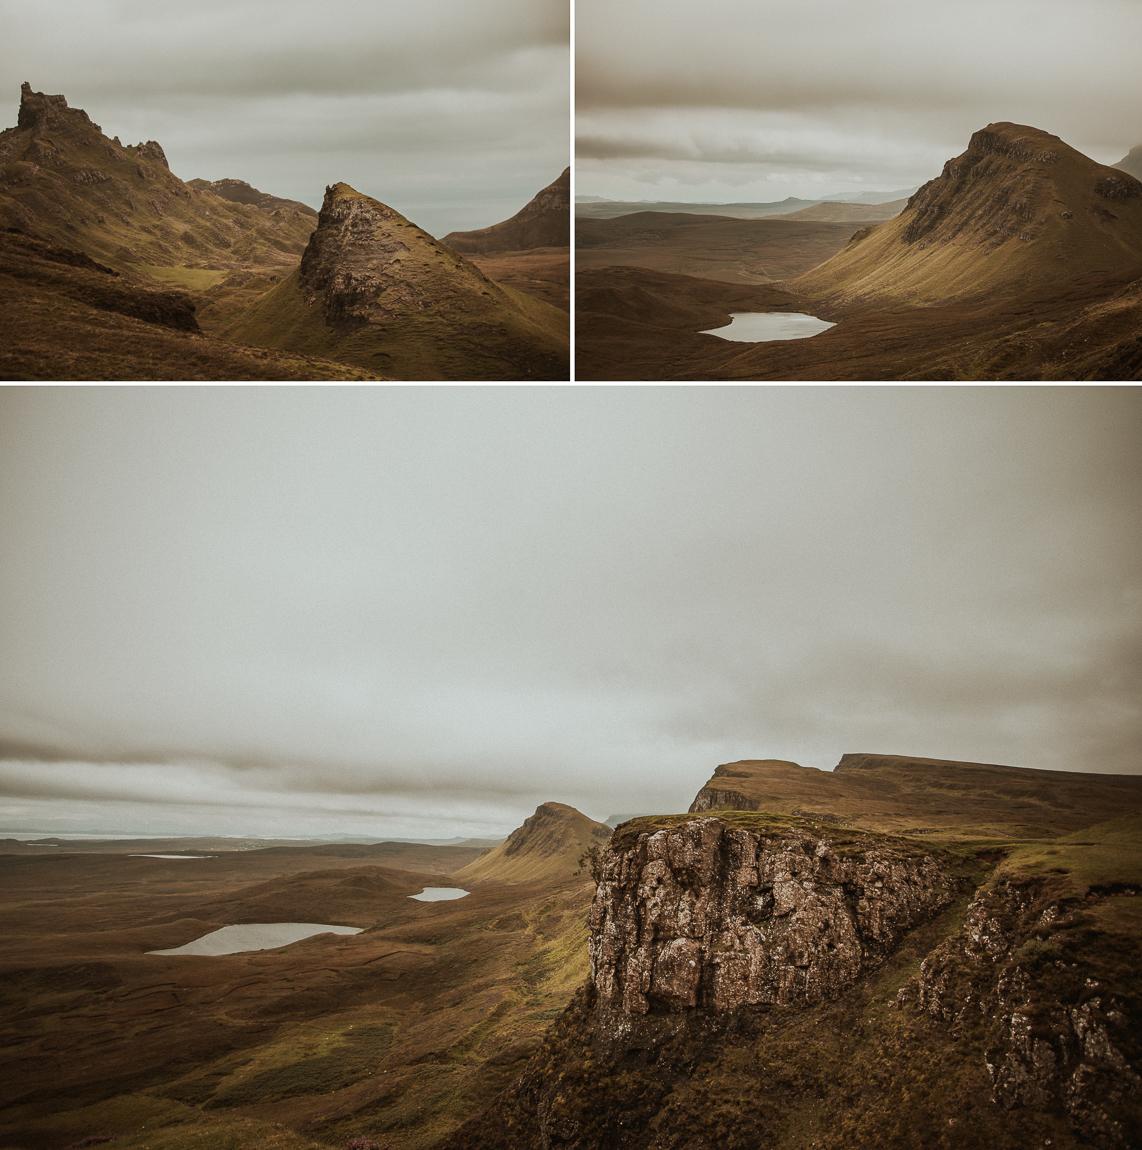 Quiraing Hills - Isle of Skye Photographer